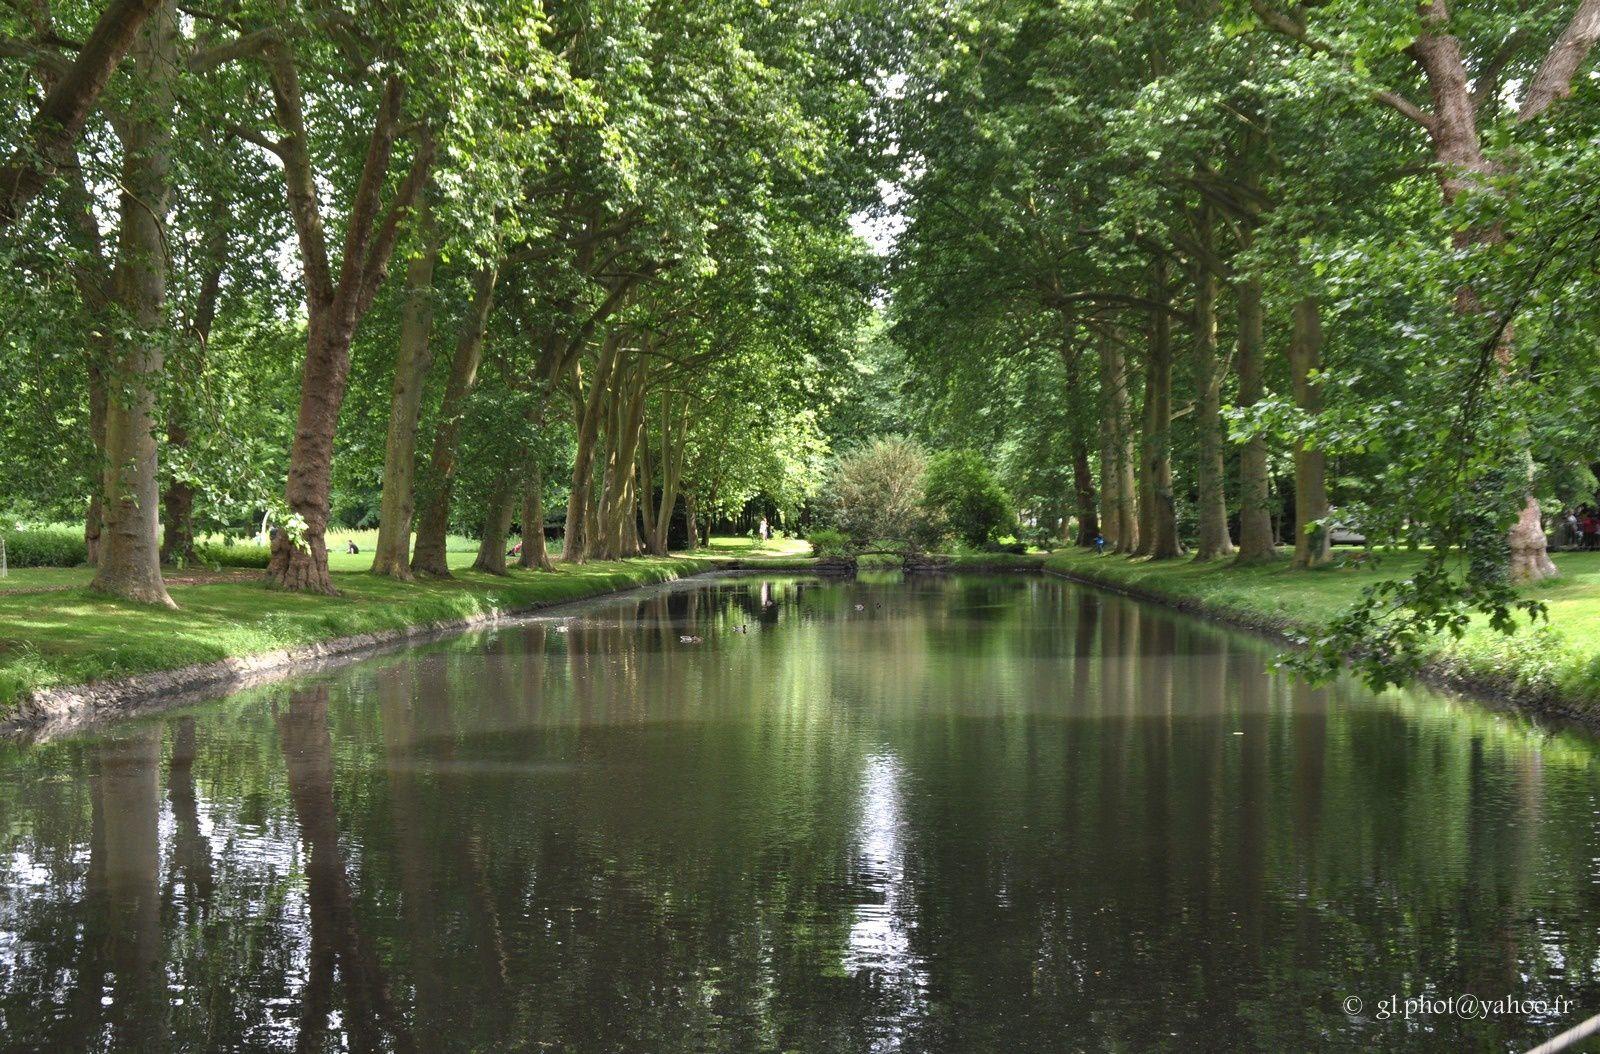 Rendez-vous au jardin : Abbaye de Maubuisson à Saint-Ouen l'Aumône